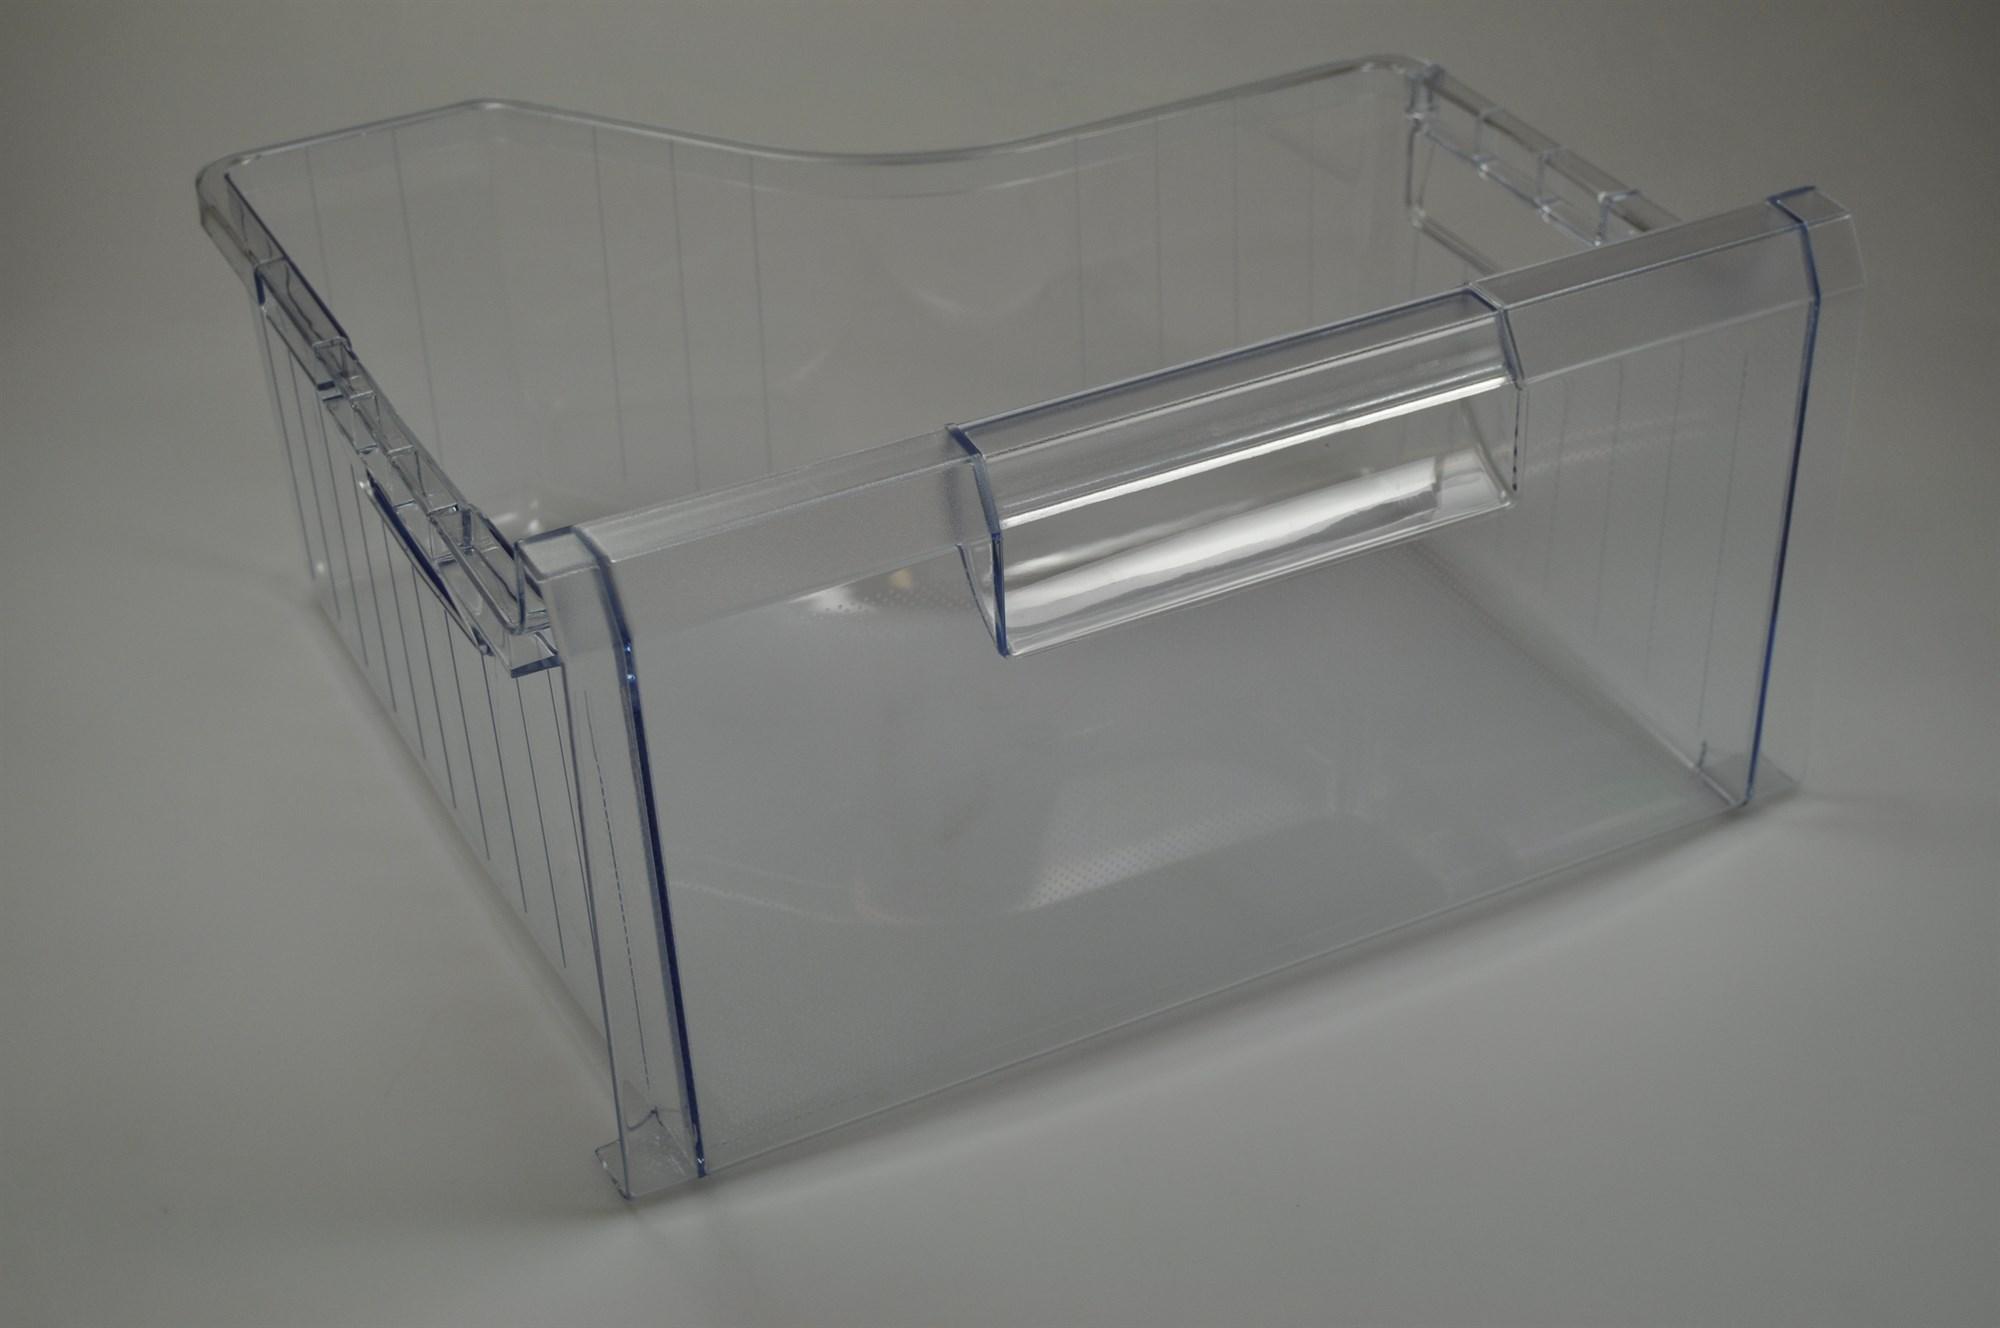 Kühlschrank Neff Ersatzteile : Gefrierschublade neff kühl gefrierschrank klar unten